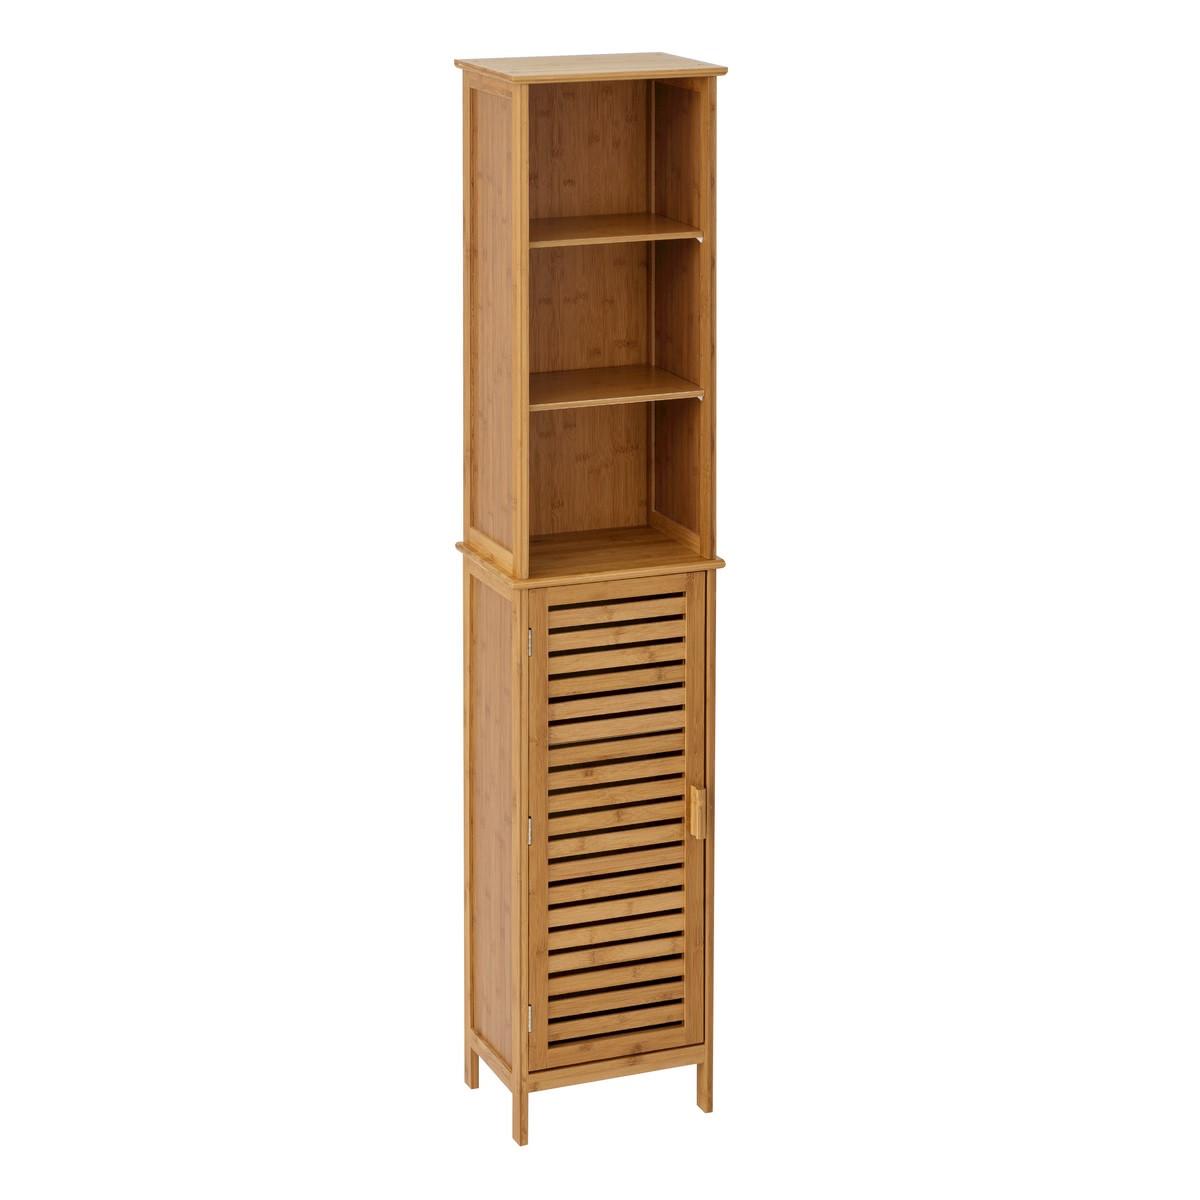 Armario de 1 puerta y 2 baldas nórdico marrón de bambú ...